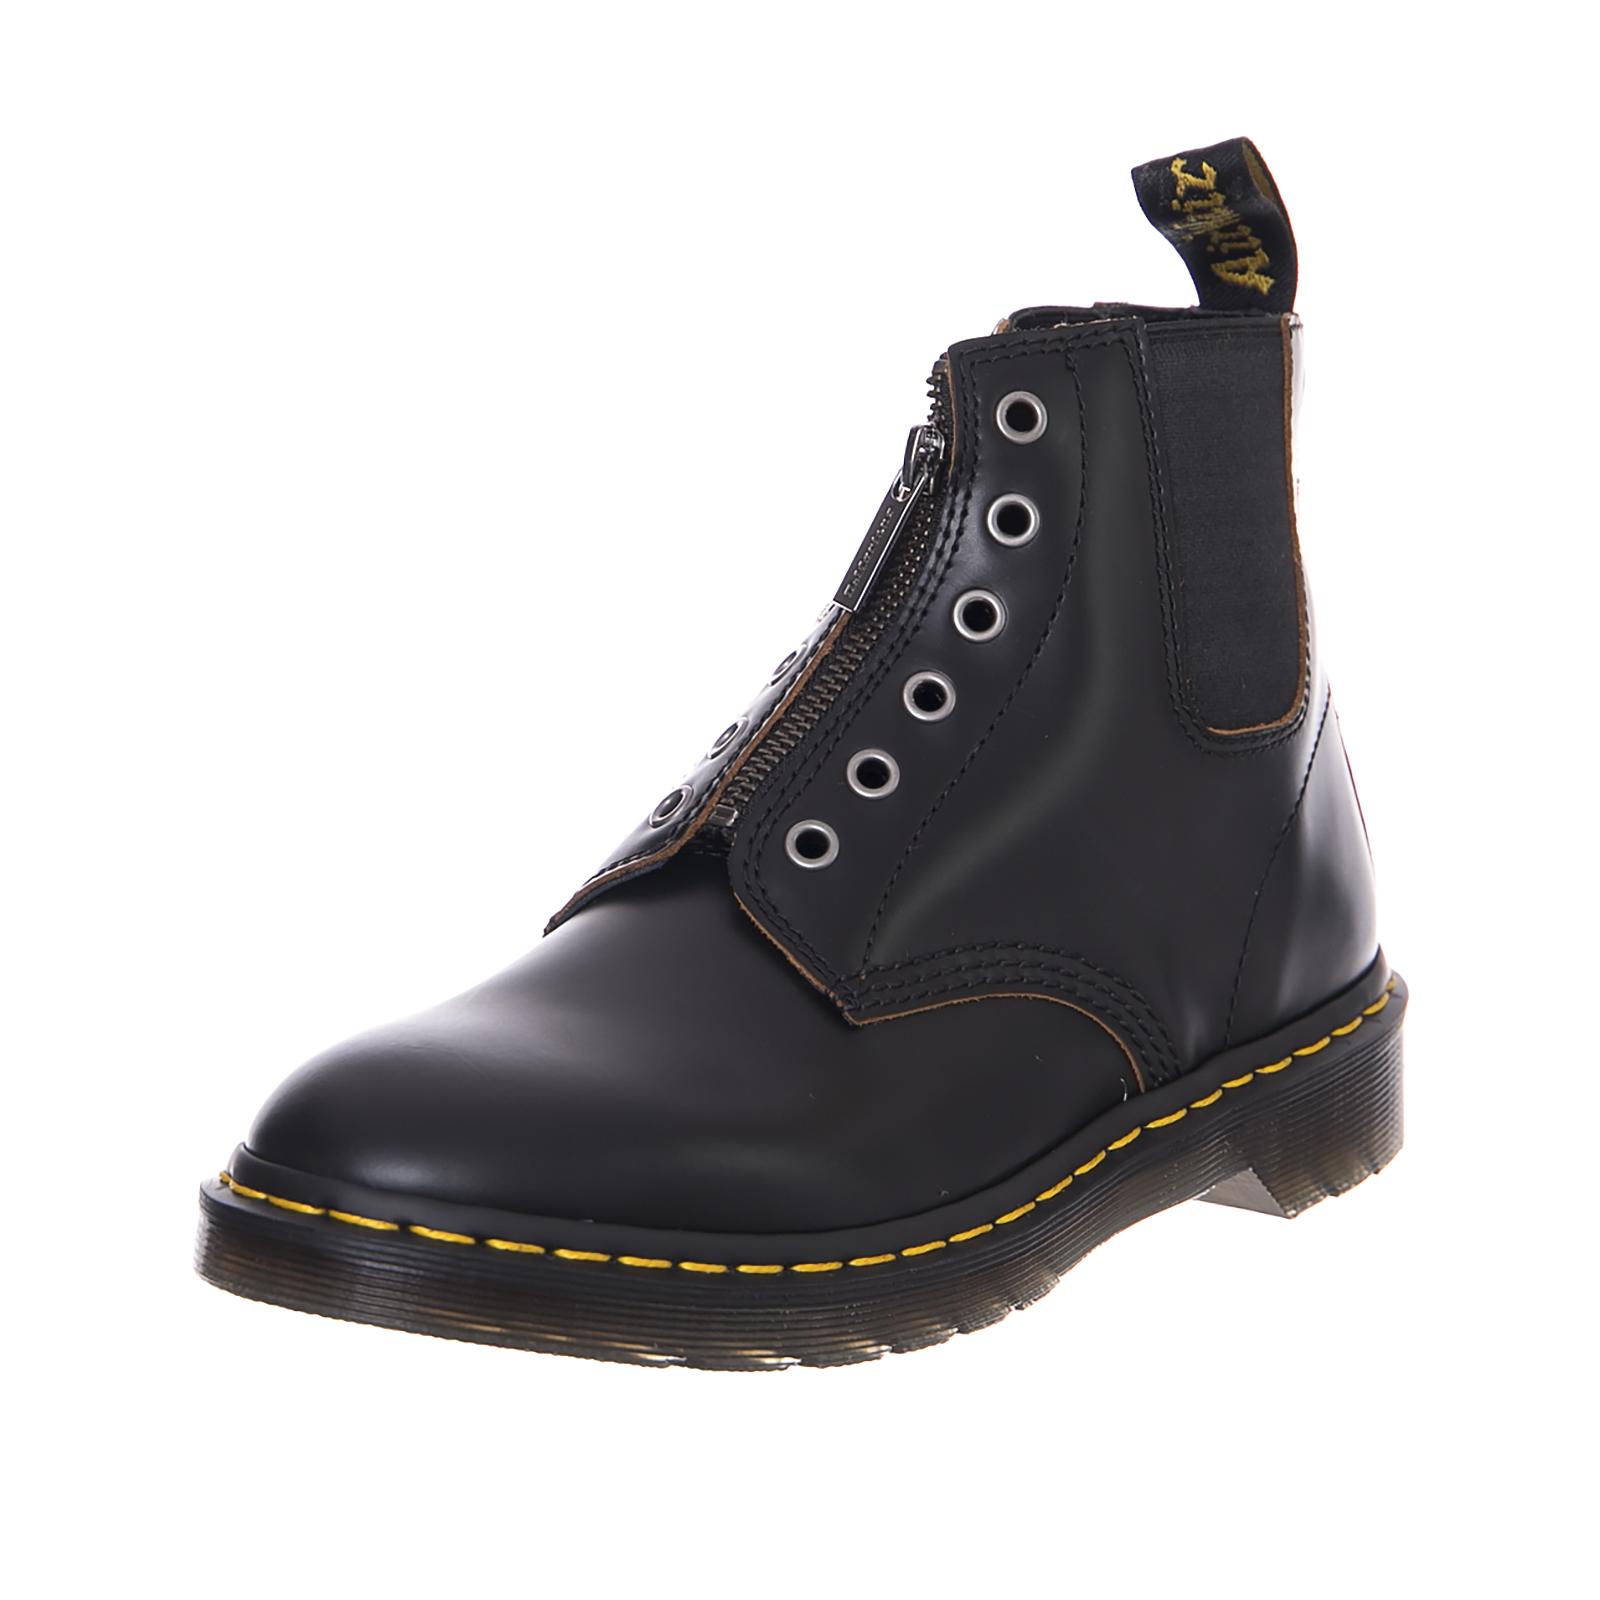 Dr.Martens Boots 101 Gst Black Vintage Smooth Black